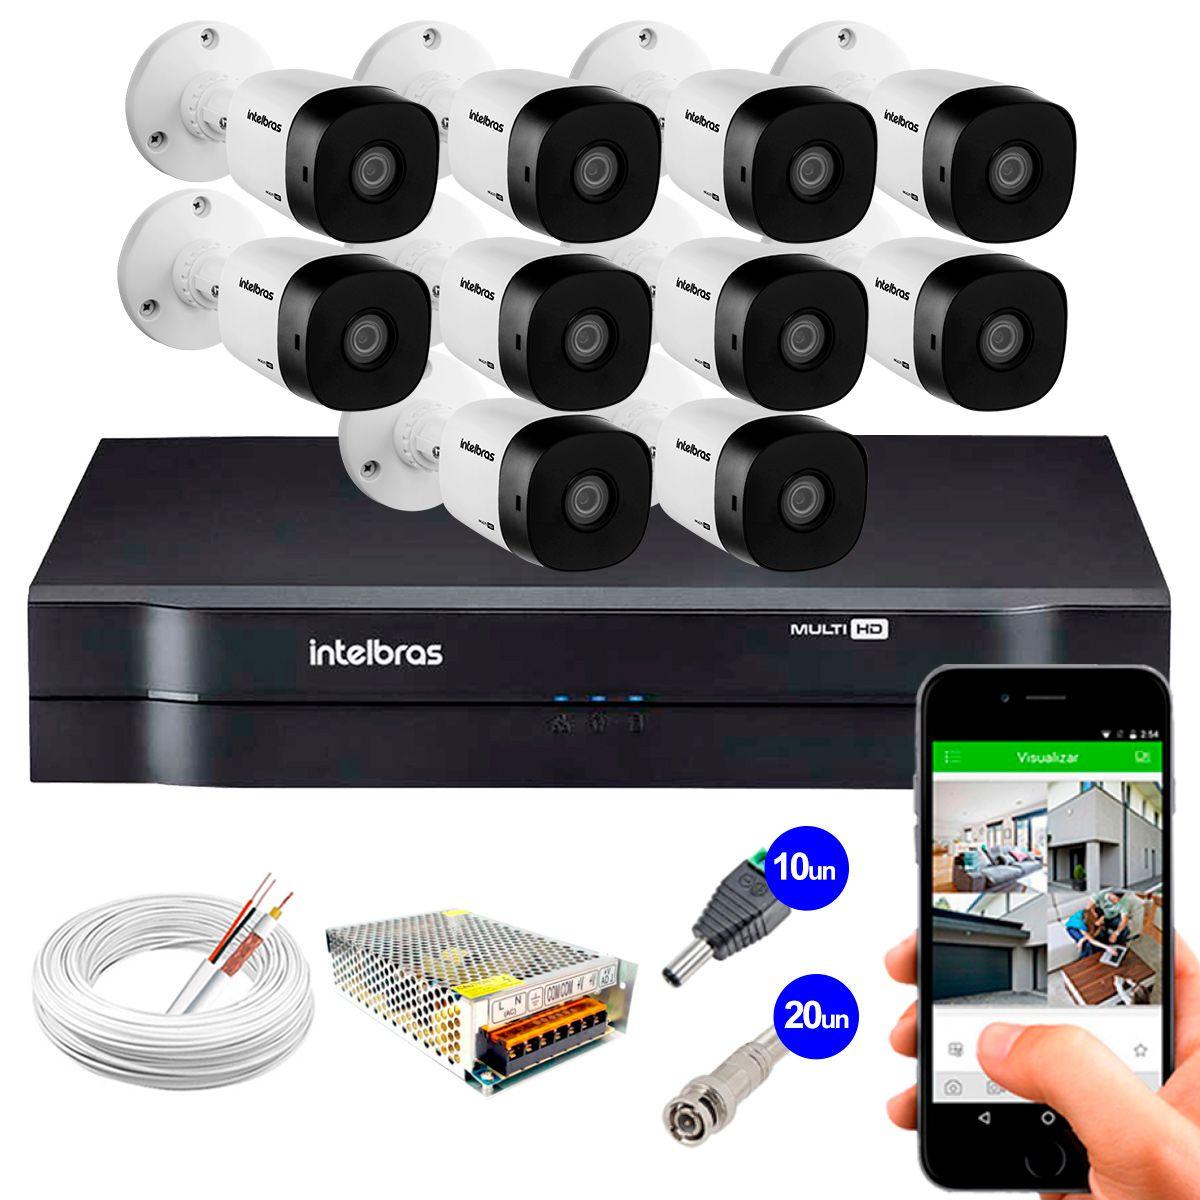 Kit 10 Câmeras VHD 3120 B G5 + DVR Intelbras + App Grátis de Monitoramento, HD 720p 20m Infravermelho + Cabos e Acessórios  - Tudo Forte